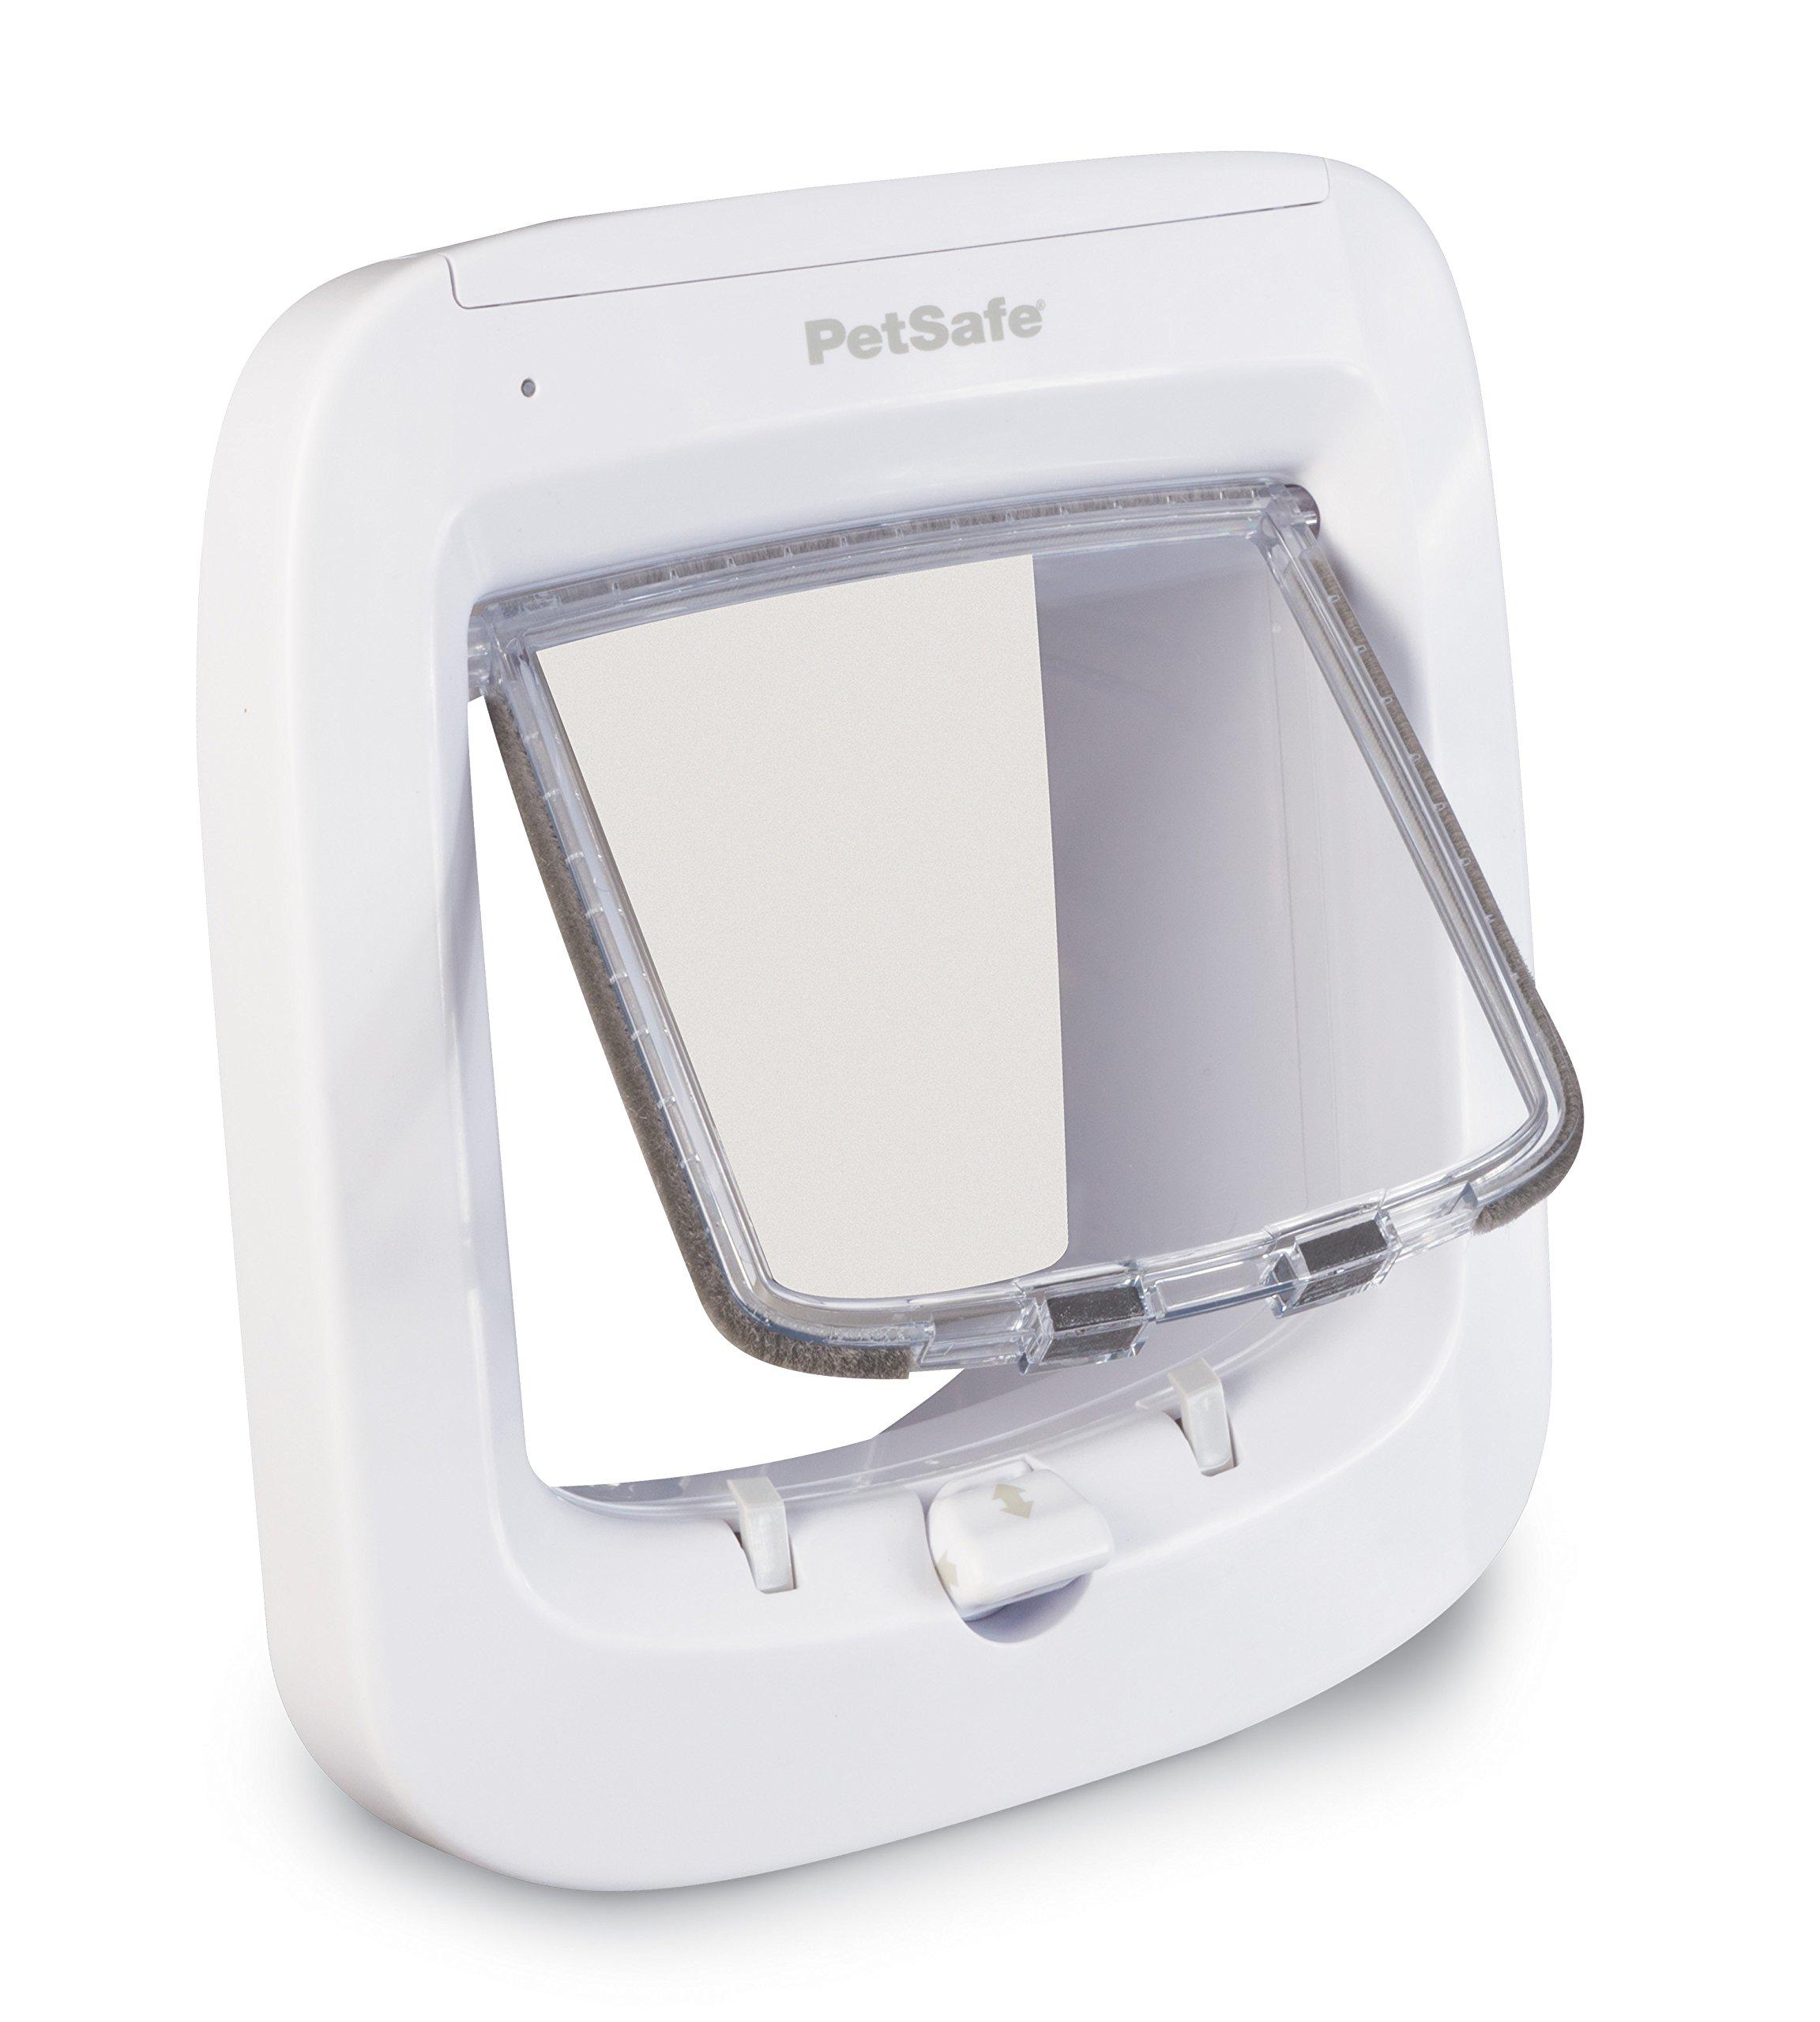 PetSafe Microchip Cat Door, Battery Powered Pet Door, 4-Way Locking Easy Installation, White